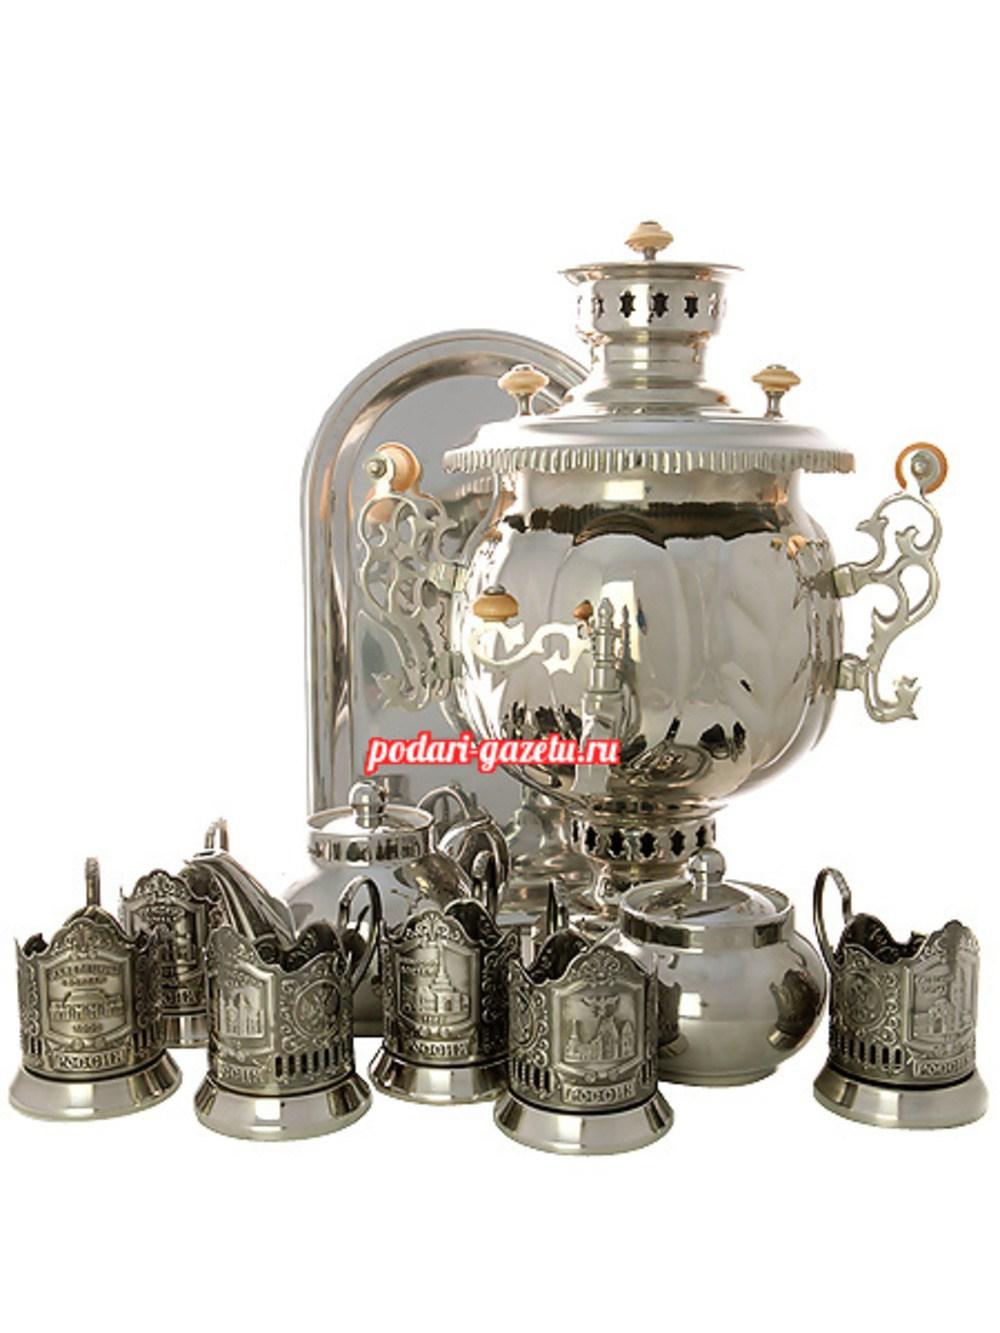 Набор: угольный самовар на 4,5 л никелированный шар в комплекте с подстаканниками Вокзалы Москвы